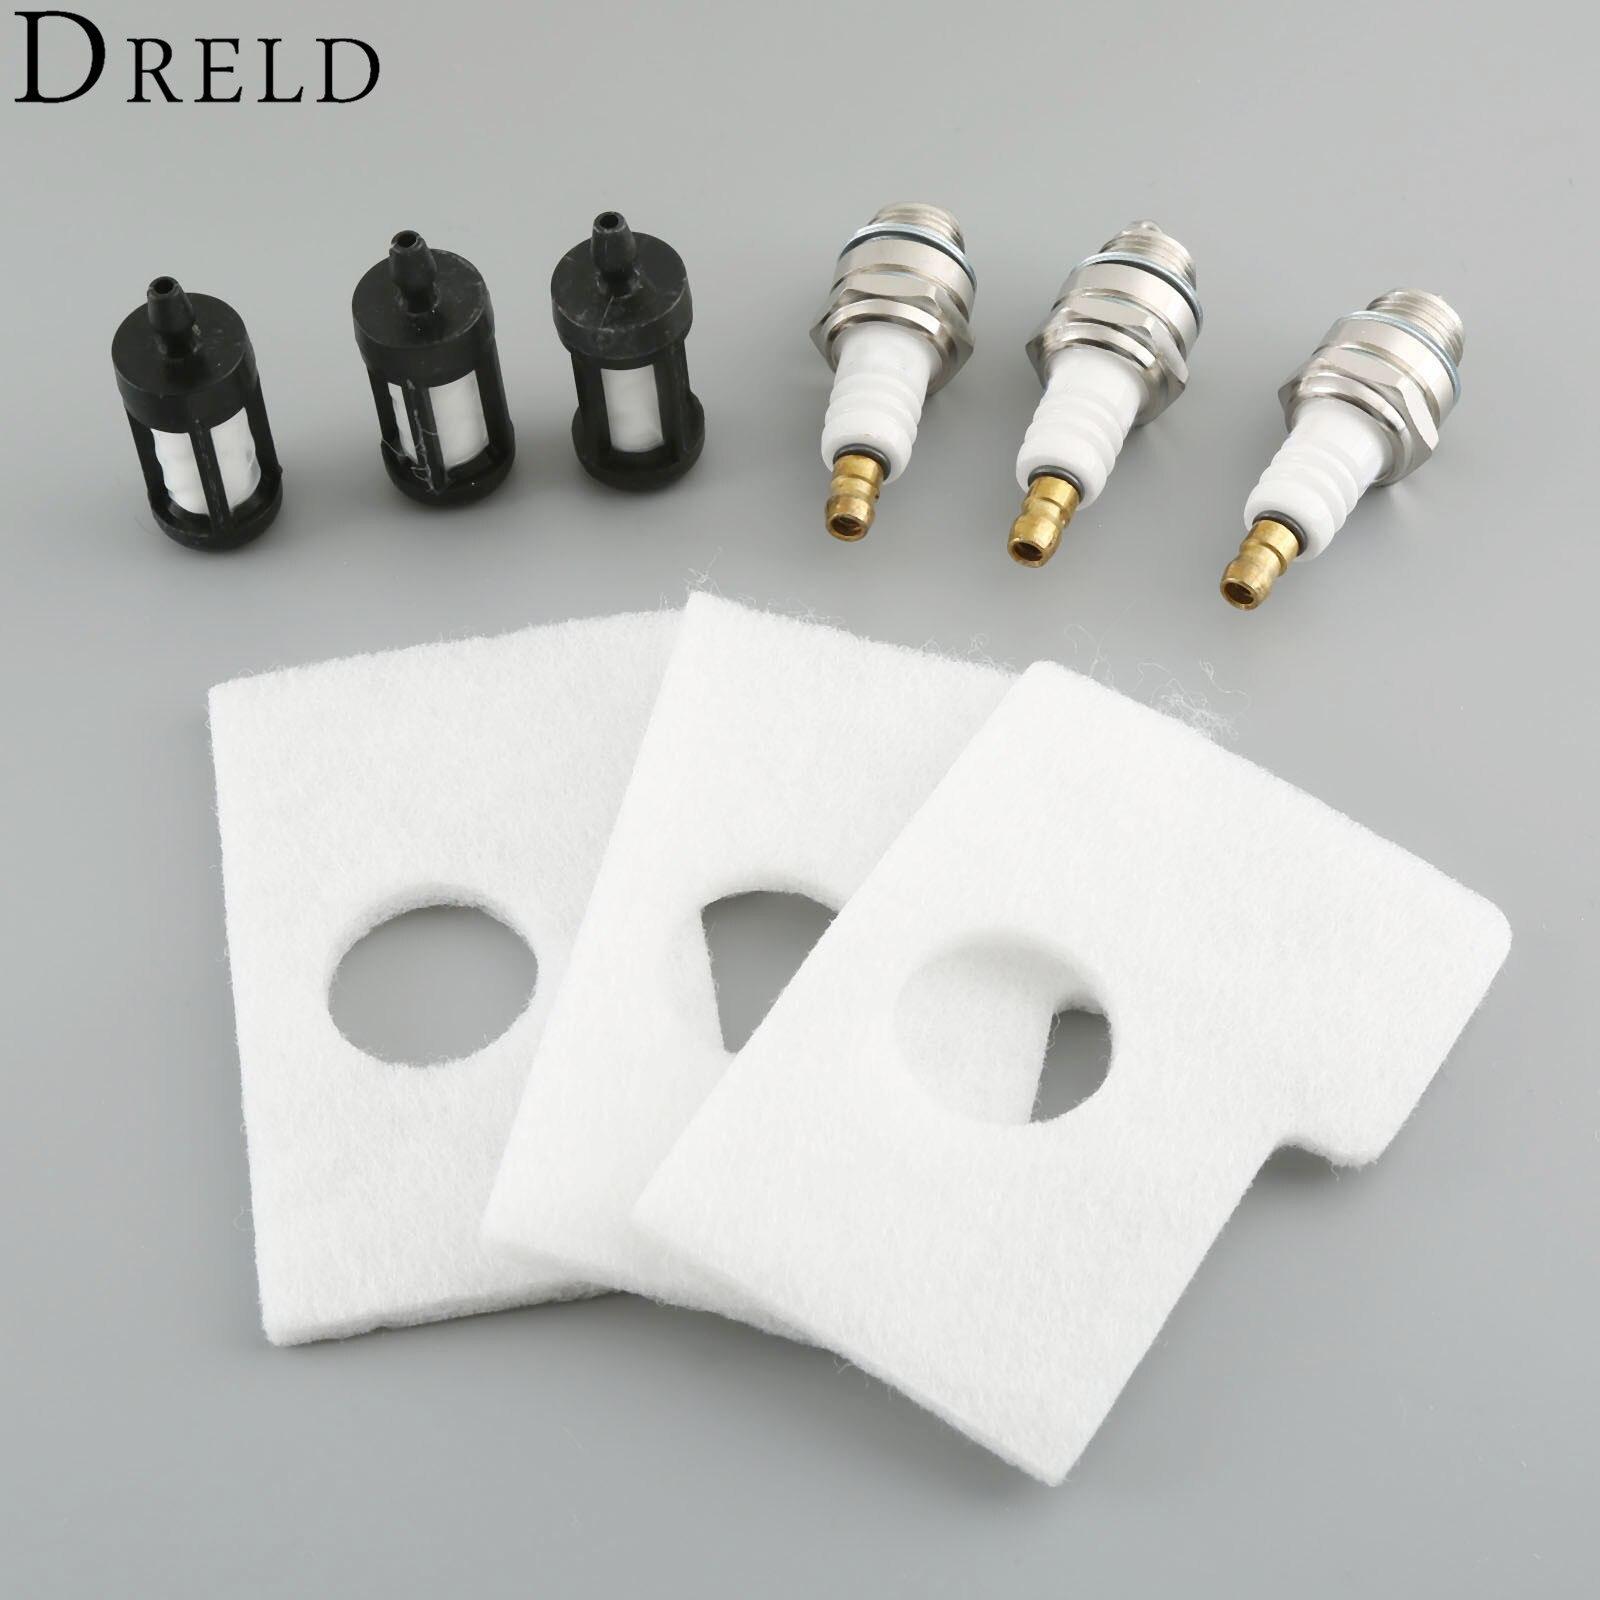 dreld 9pcs/set air fuel filter spark plug kit for stihl ms180 ms170 018 017